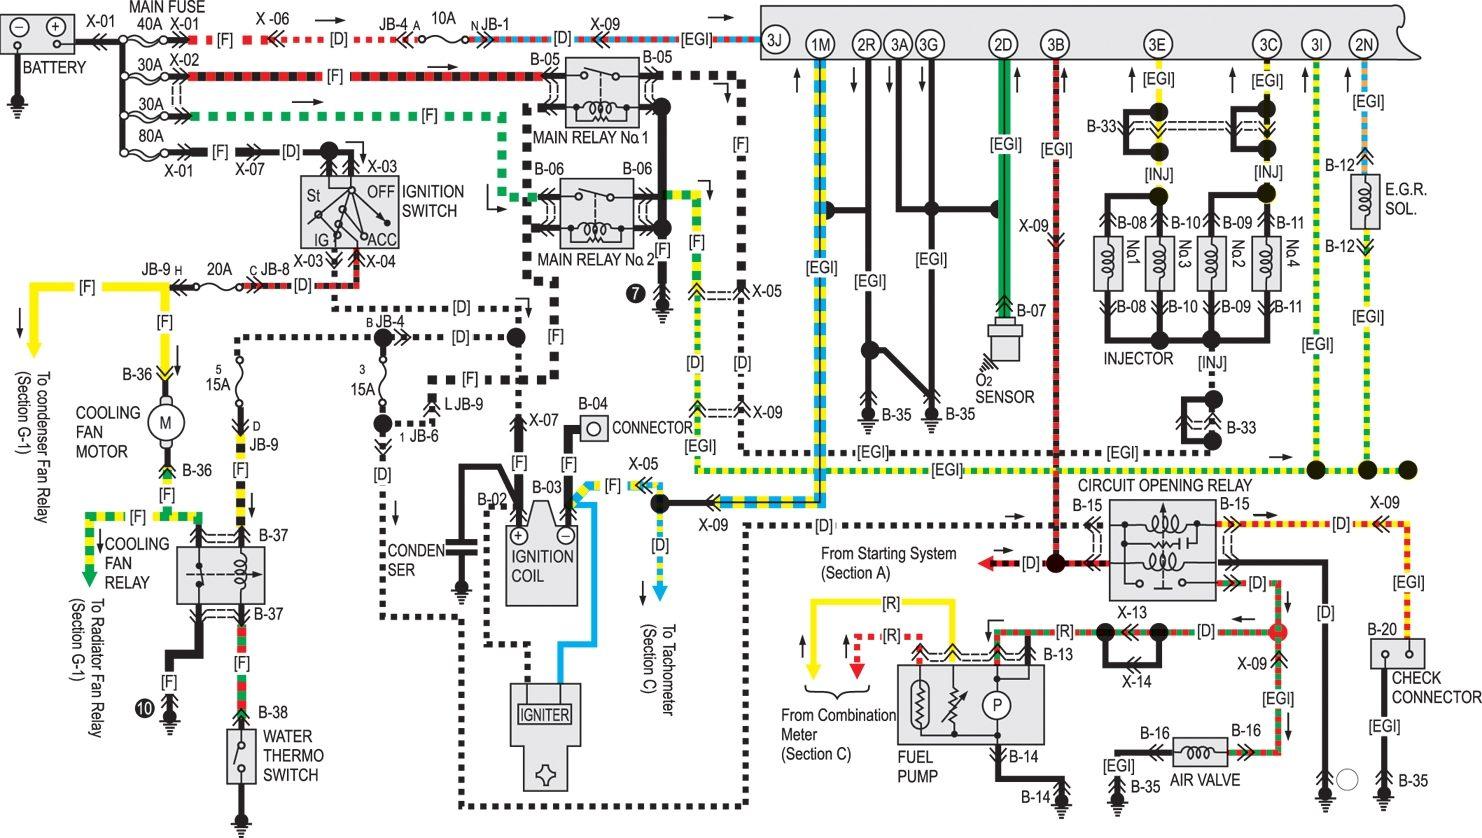 mazda - car pdf manual, wiring diagram & fault codes dtc  car pdf manual, wiring diagram